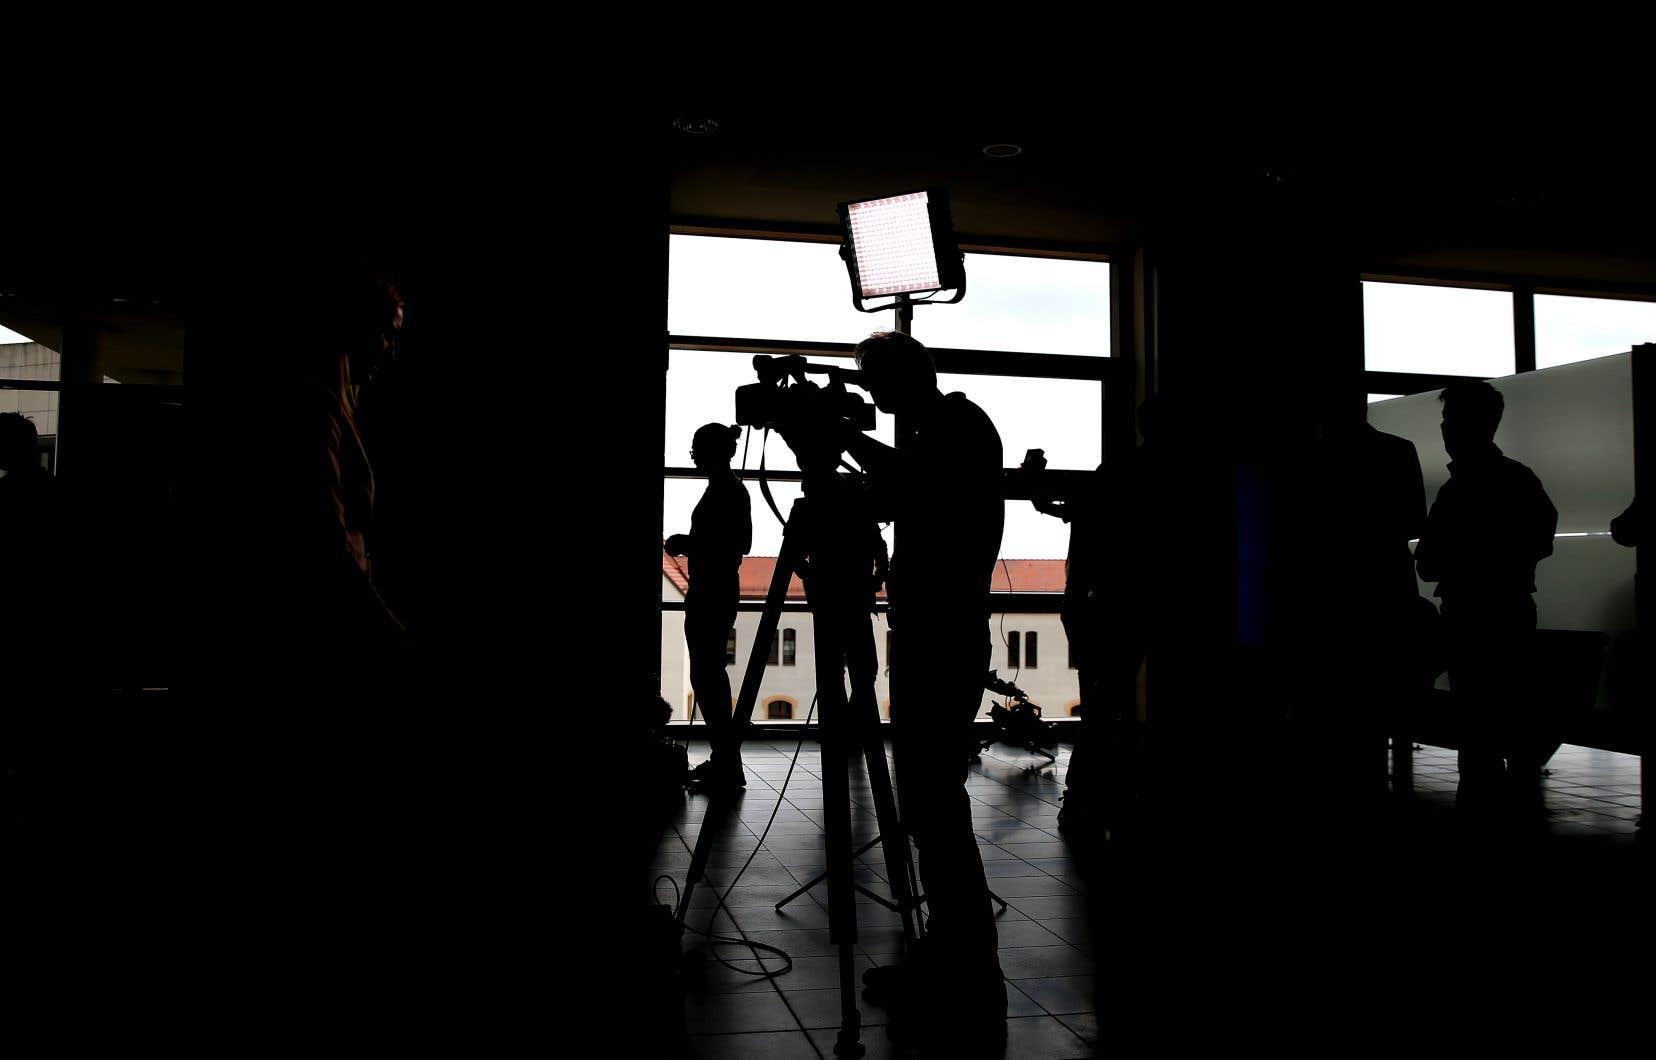 «Plusieurs journalistes ont été insultés simplement parce qu'ils posaient des questions lors des points de presse quotidiens des autorités au printemps dernier», écrivent les auteurs.